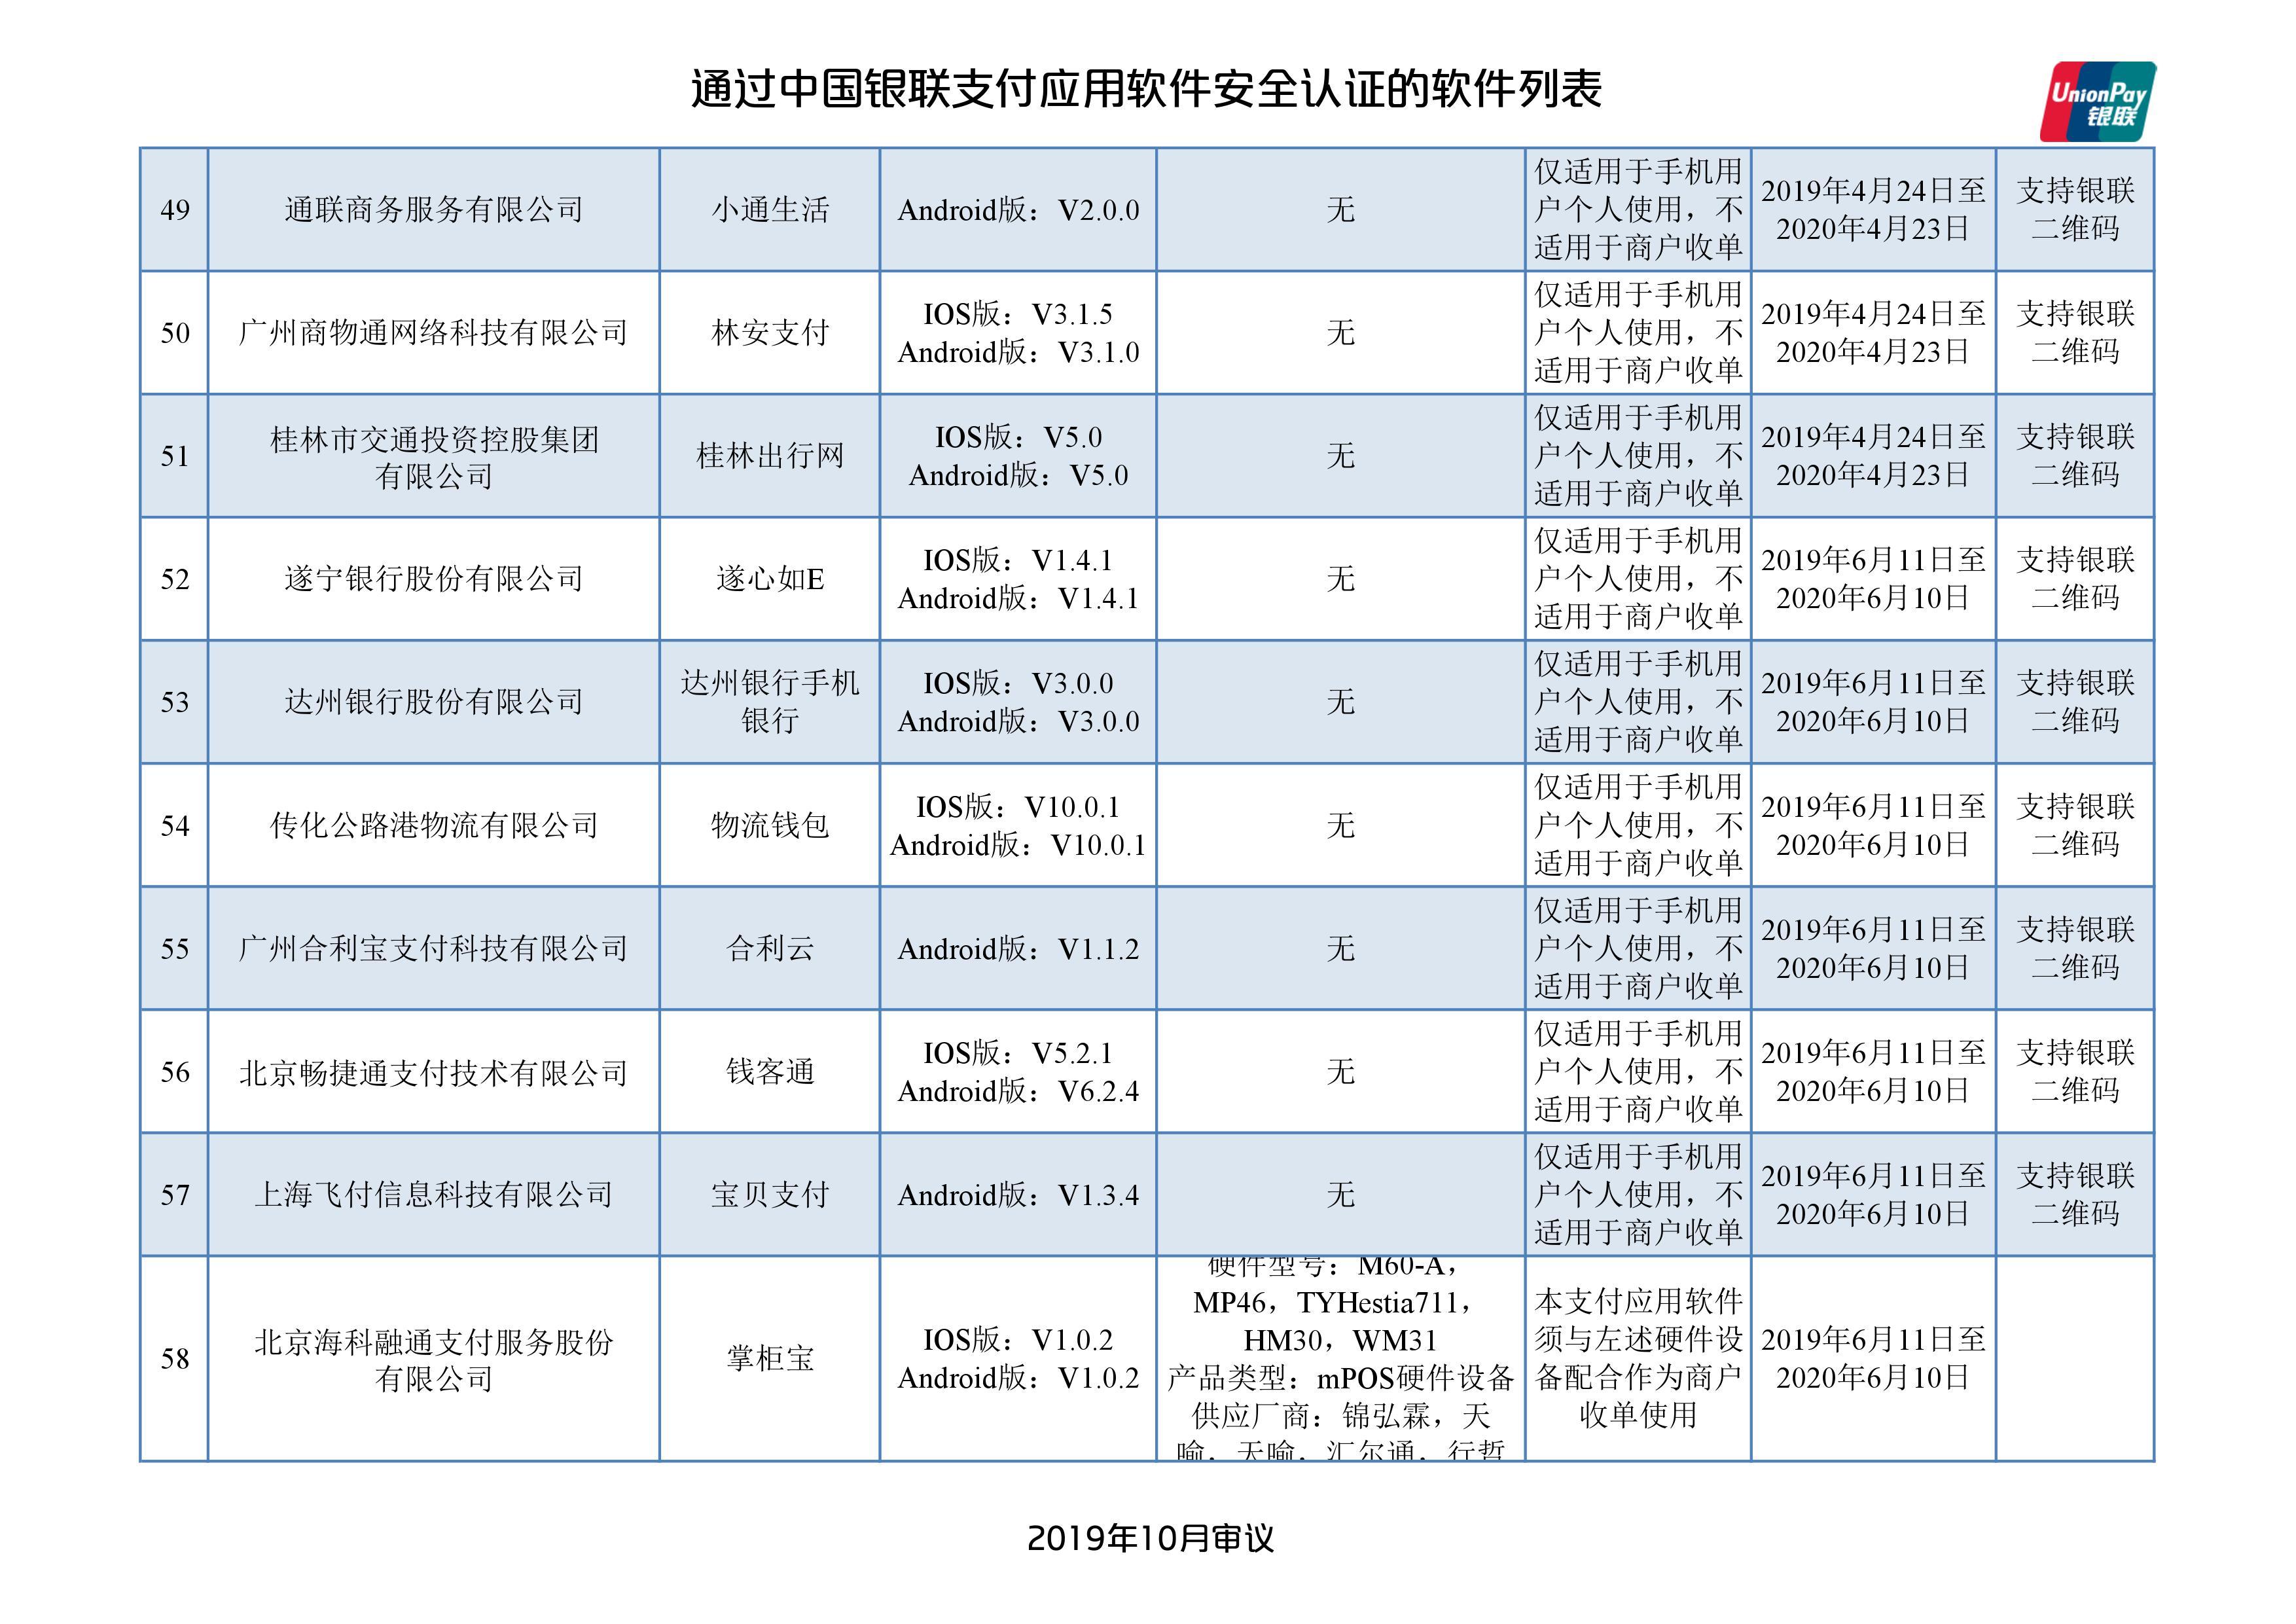 中国银联发布129款通过安全认证的支付应用App名单